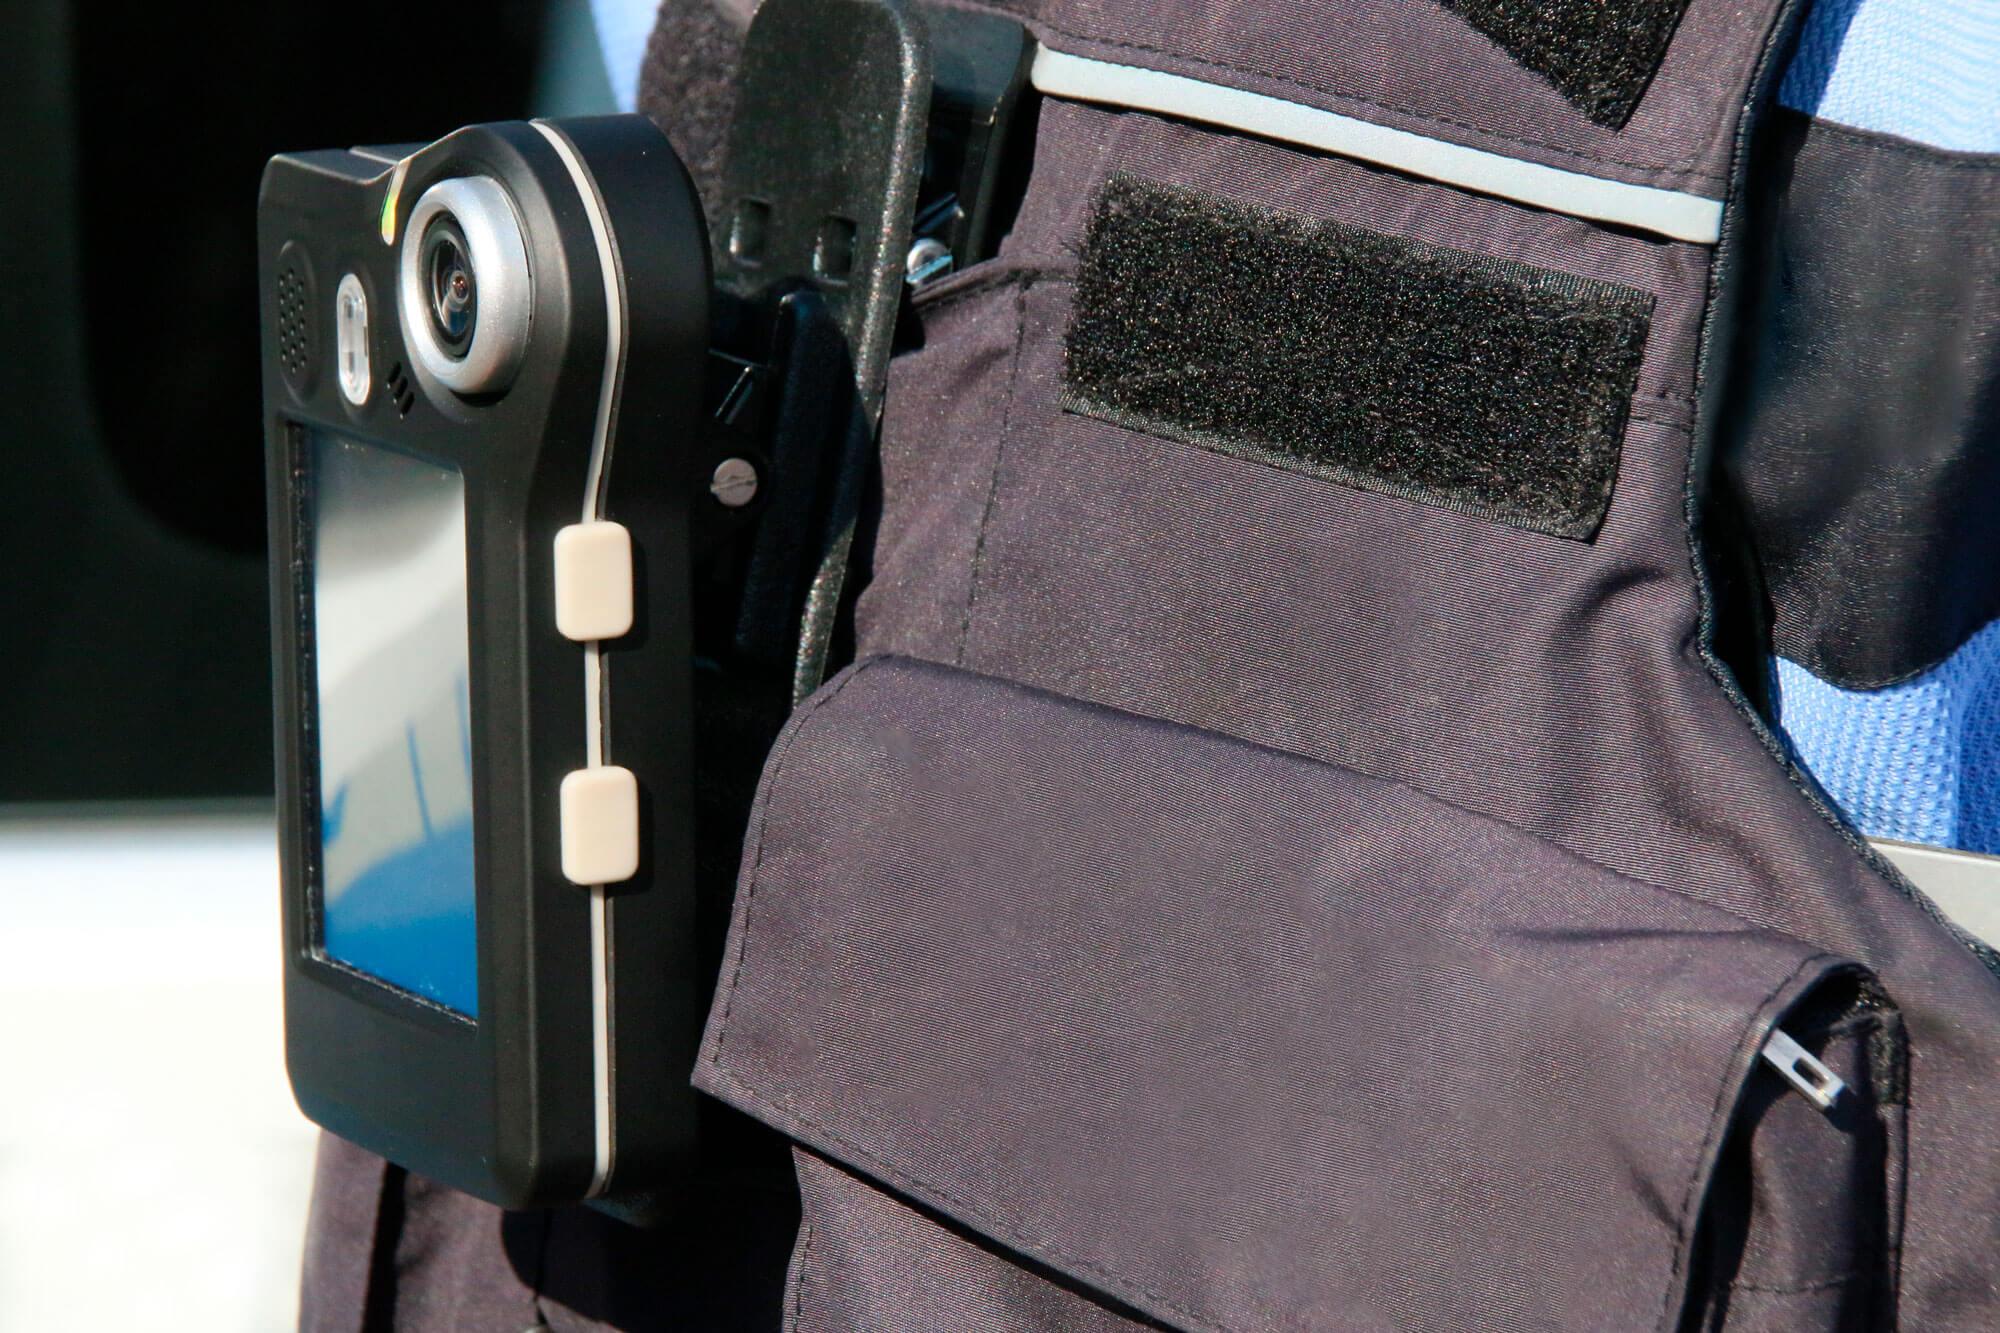 SDK de reconocimiento facial en dispositivos portátiles